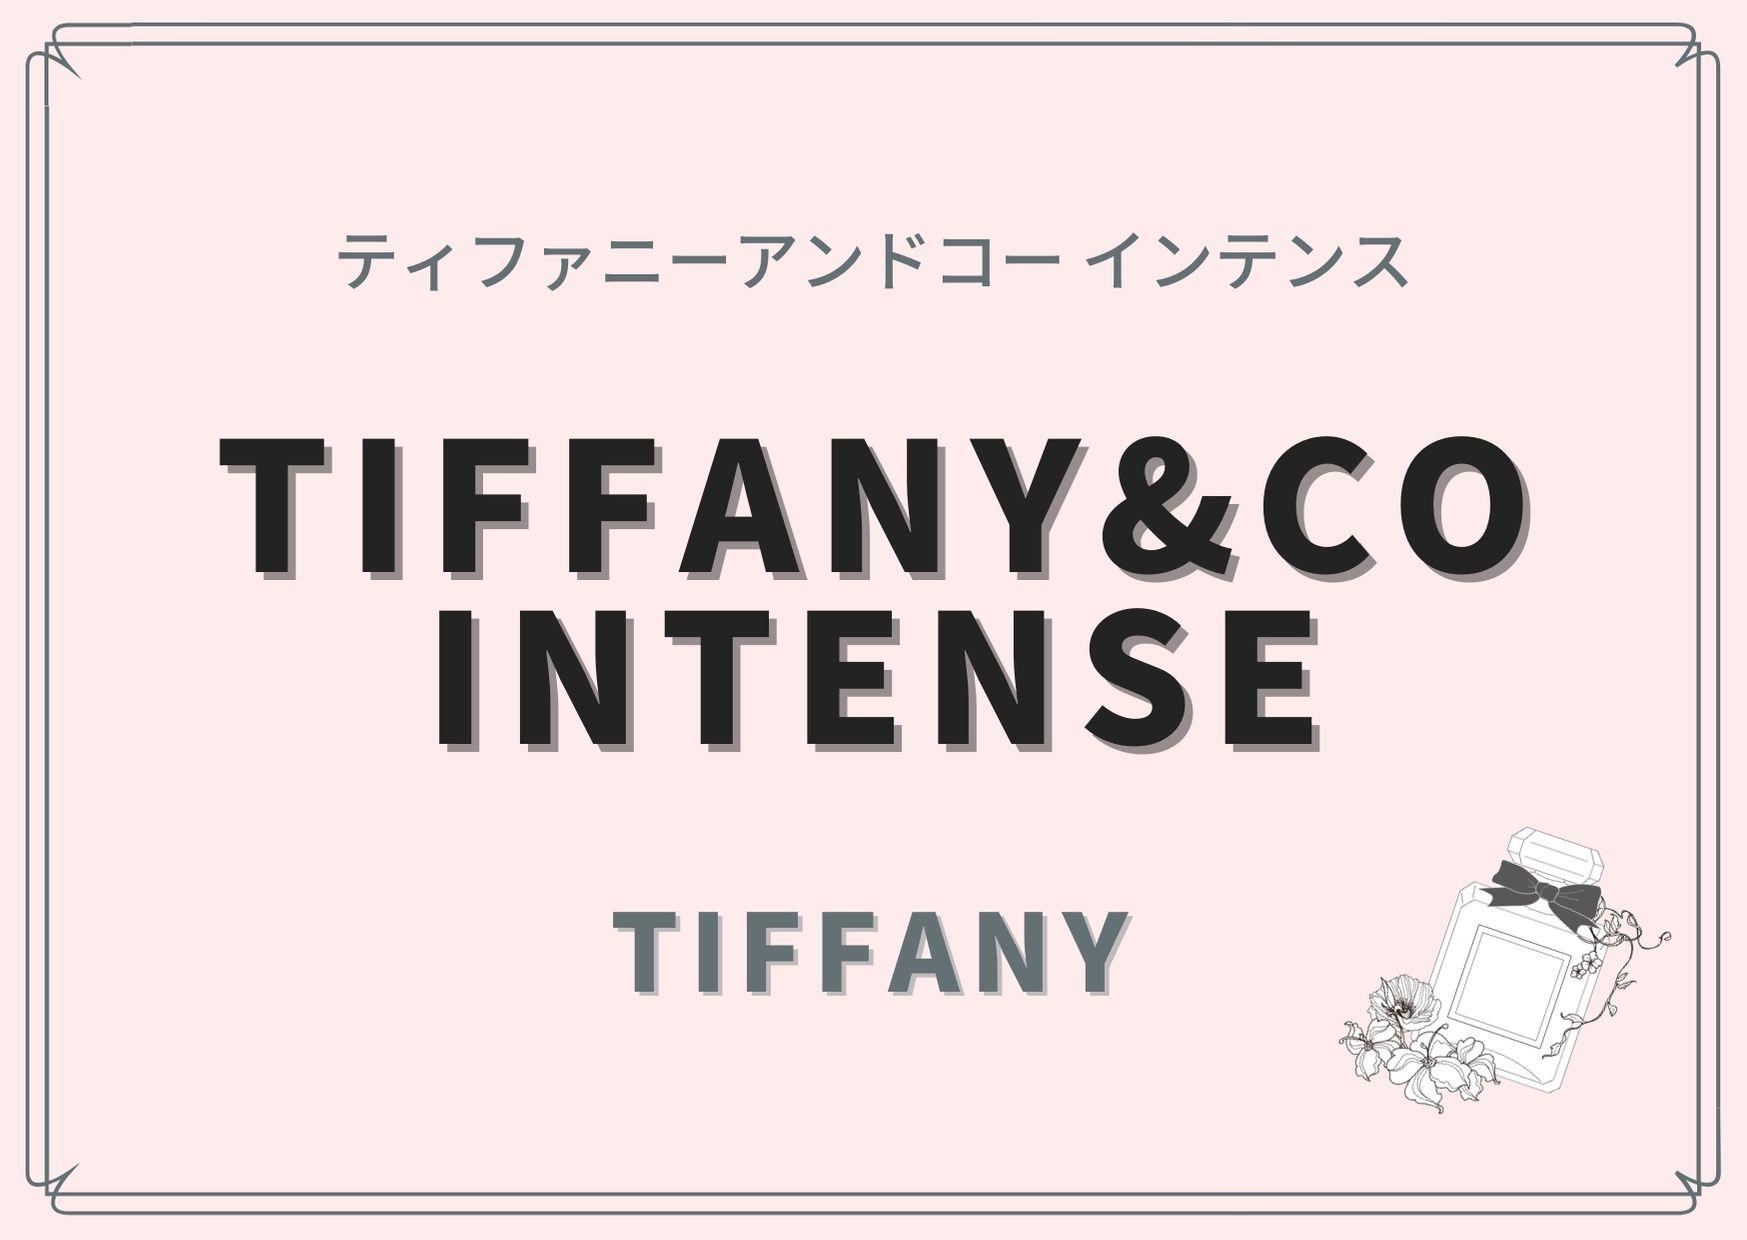 TIFFANY&Co Intense(ティファニーアンドコー インテンス)/TIFFANY(ティファニー )